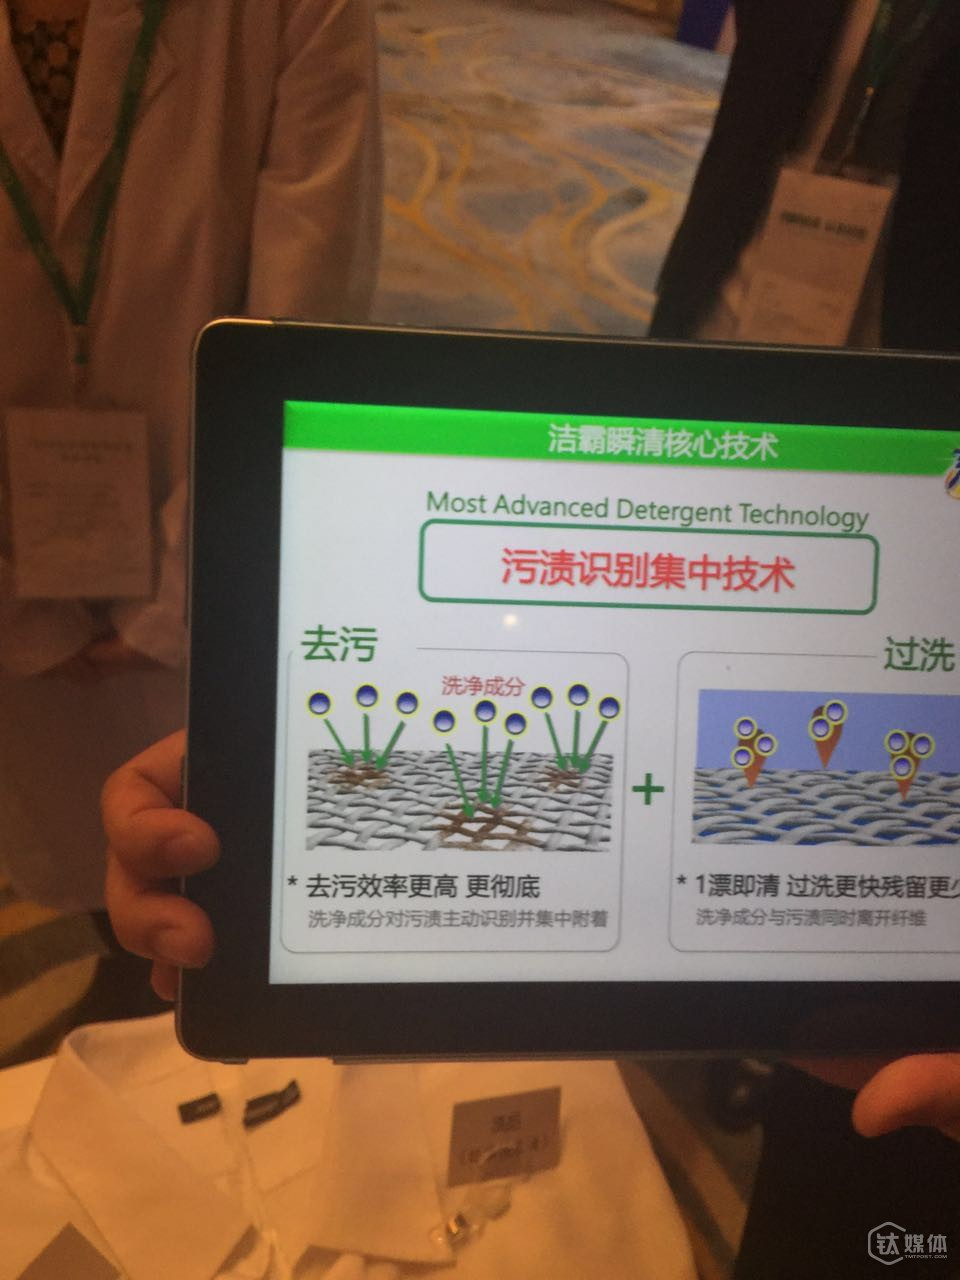 技术人员分析洗涤产品的技术特点